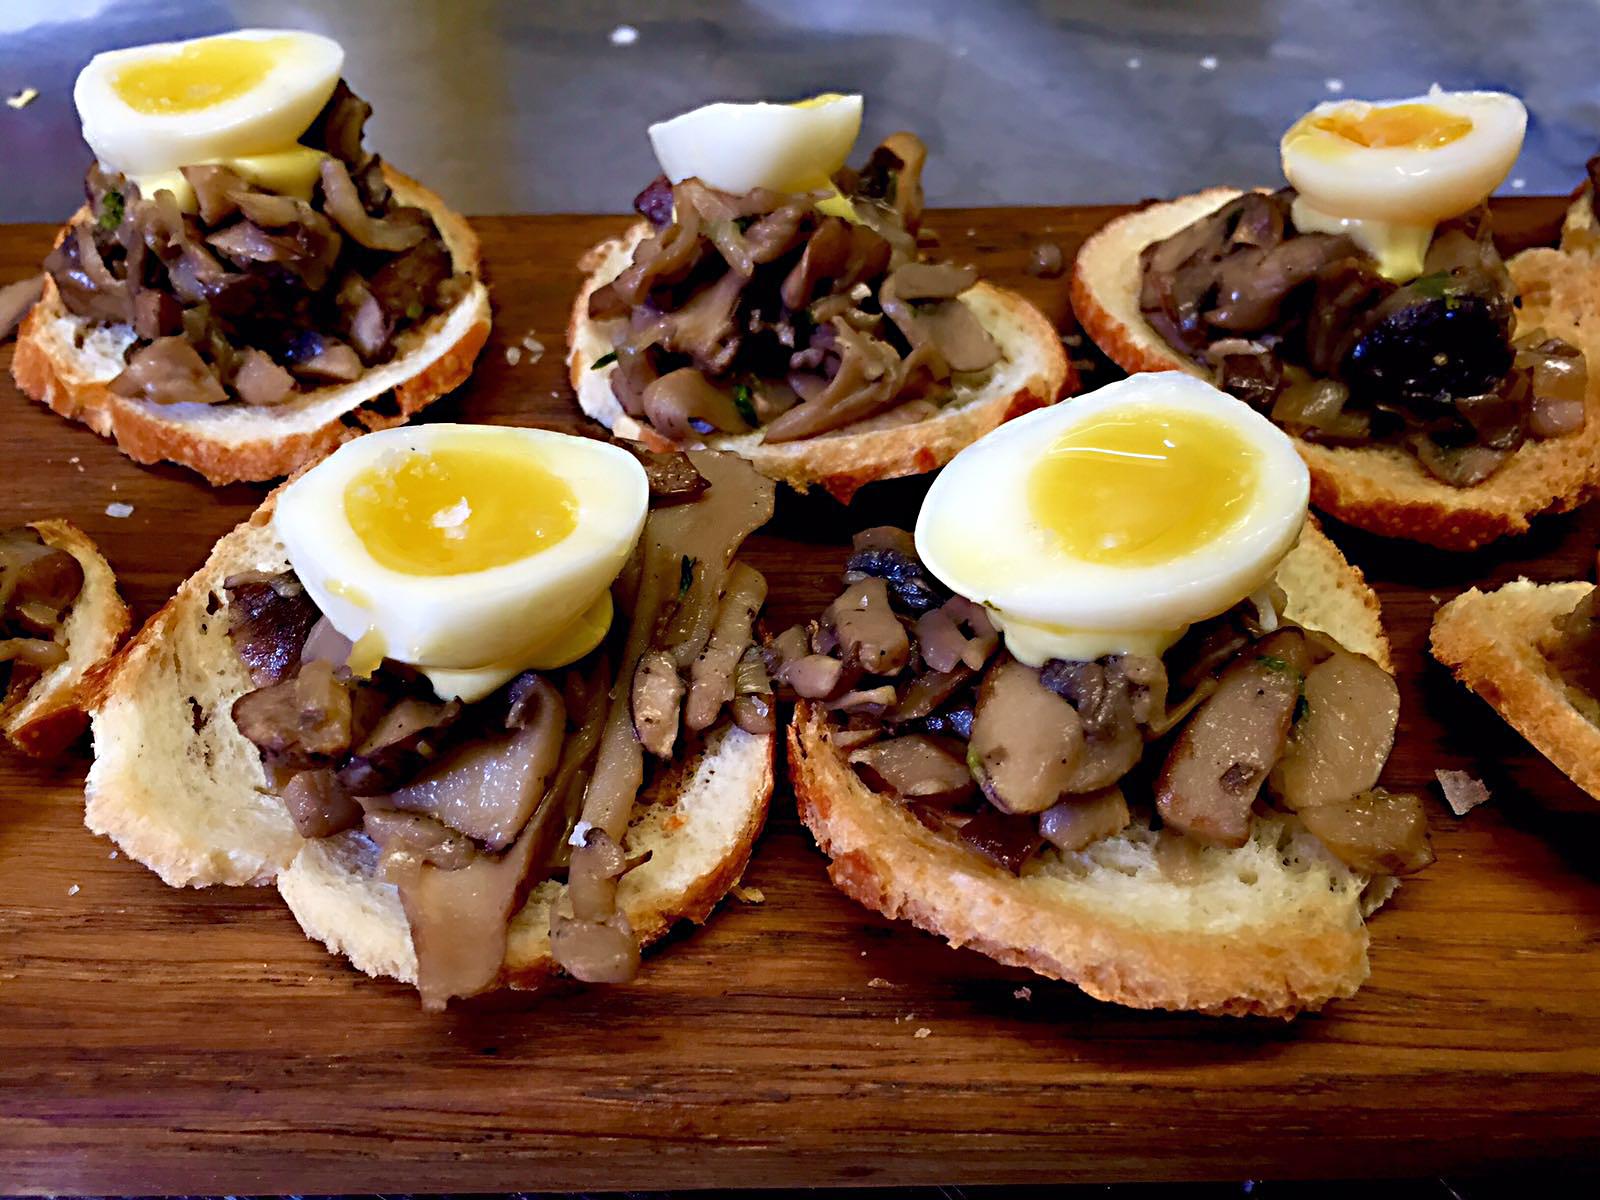 Wild mushroom & quails egg tostada